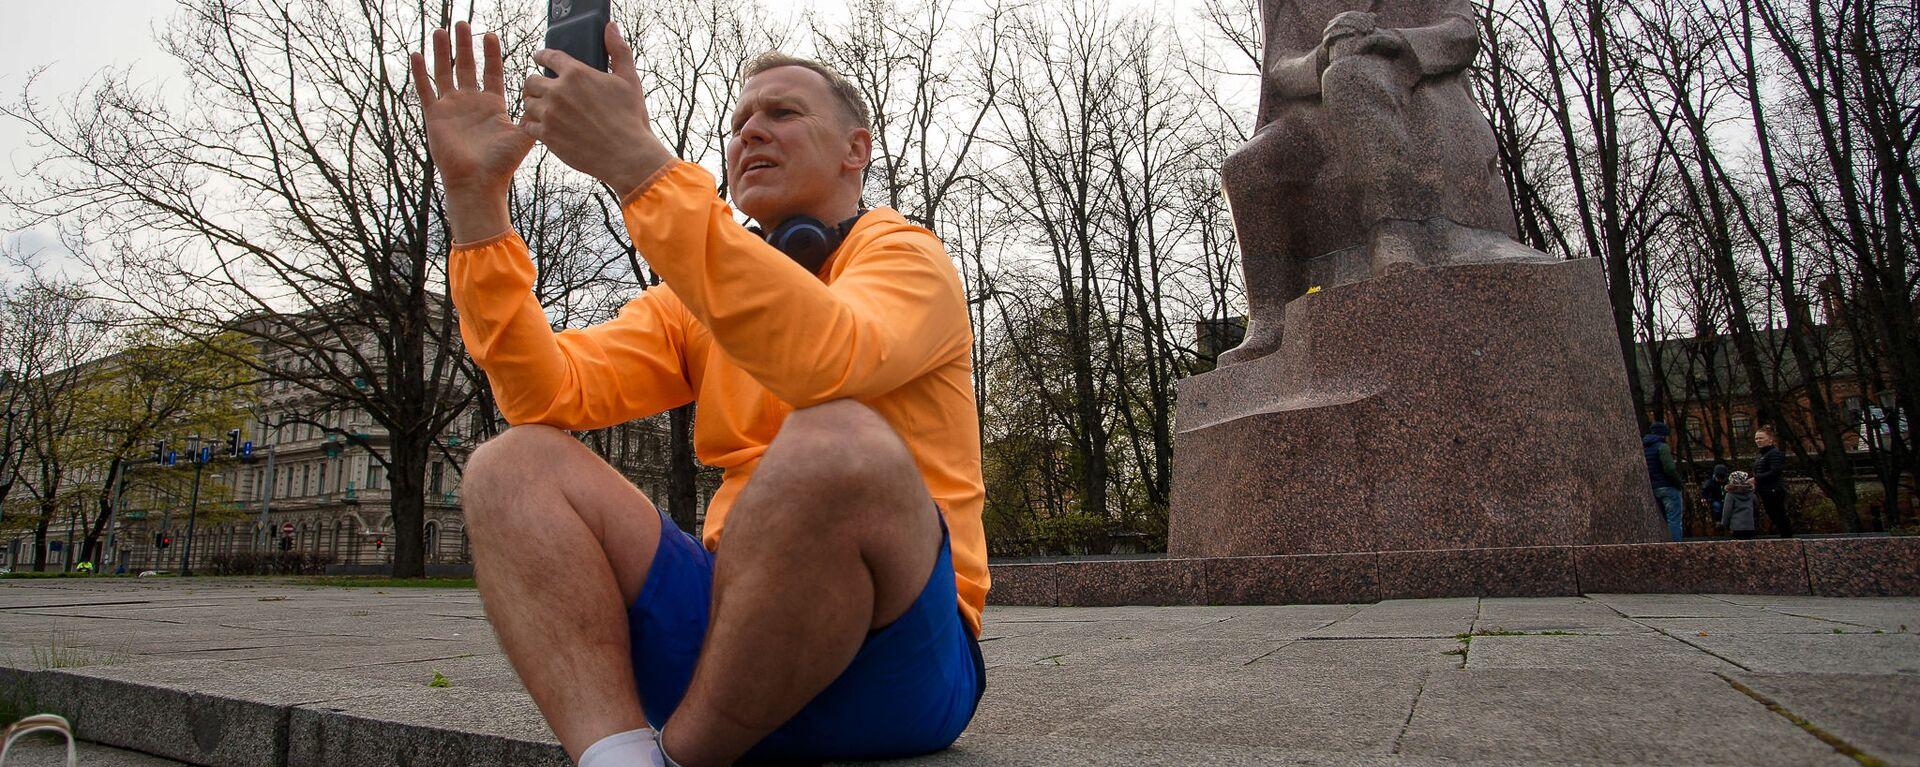 Поначалу Алдис Гобземс общался преимущественно со смартфоном - Sputnik Латвия, 1920, 12.05.2021